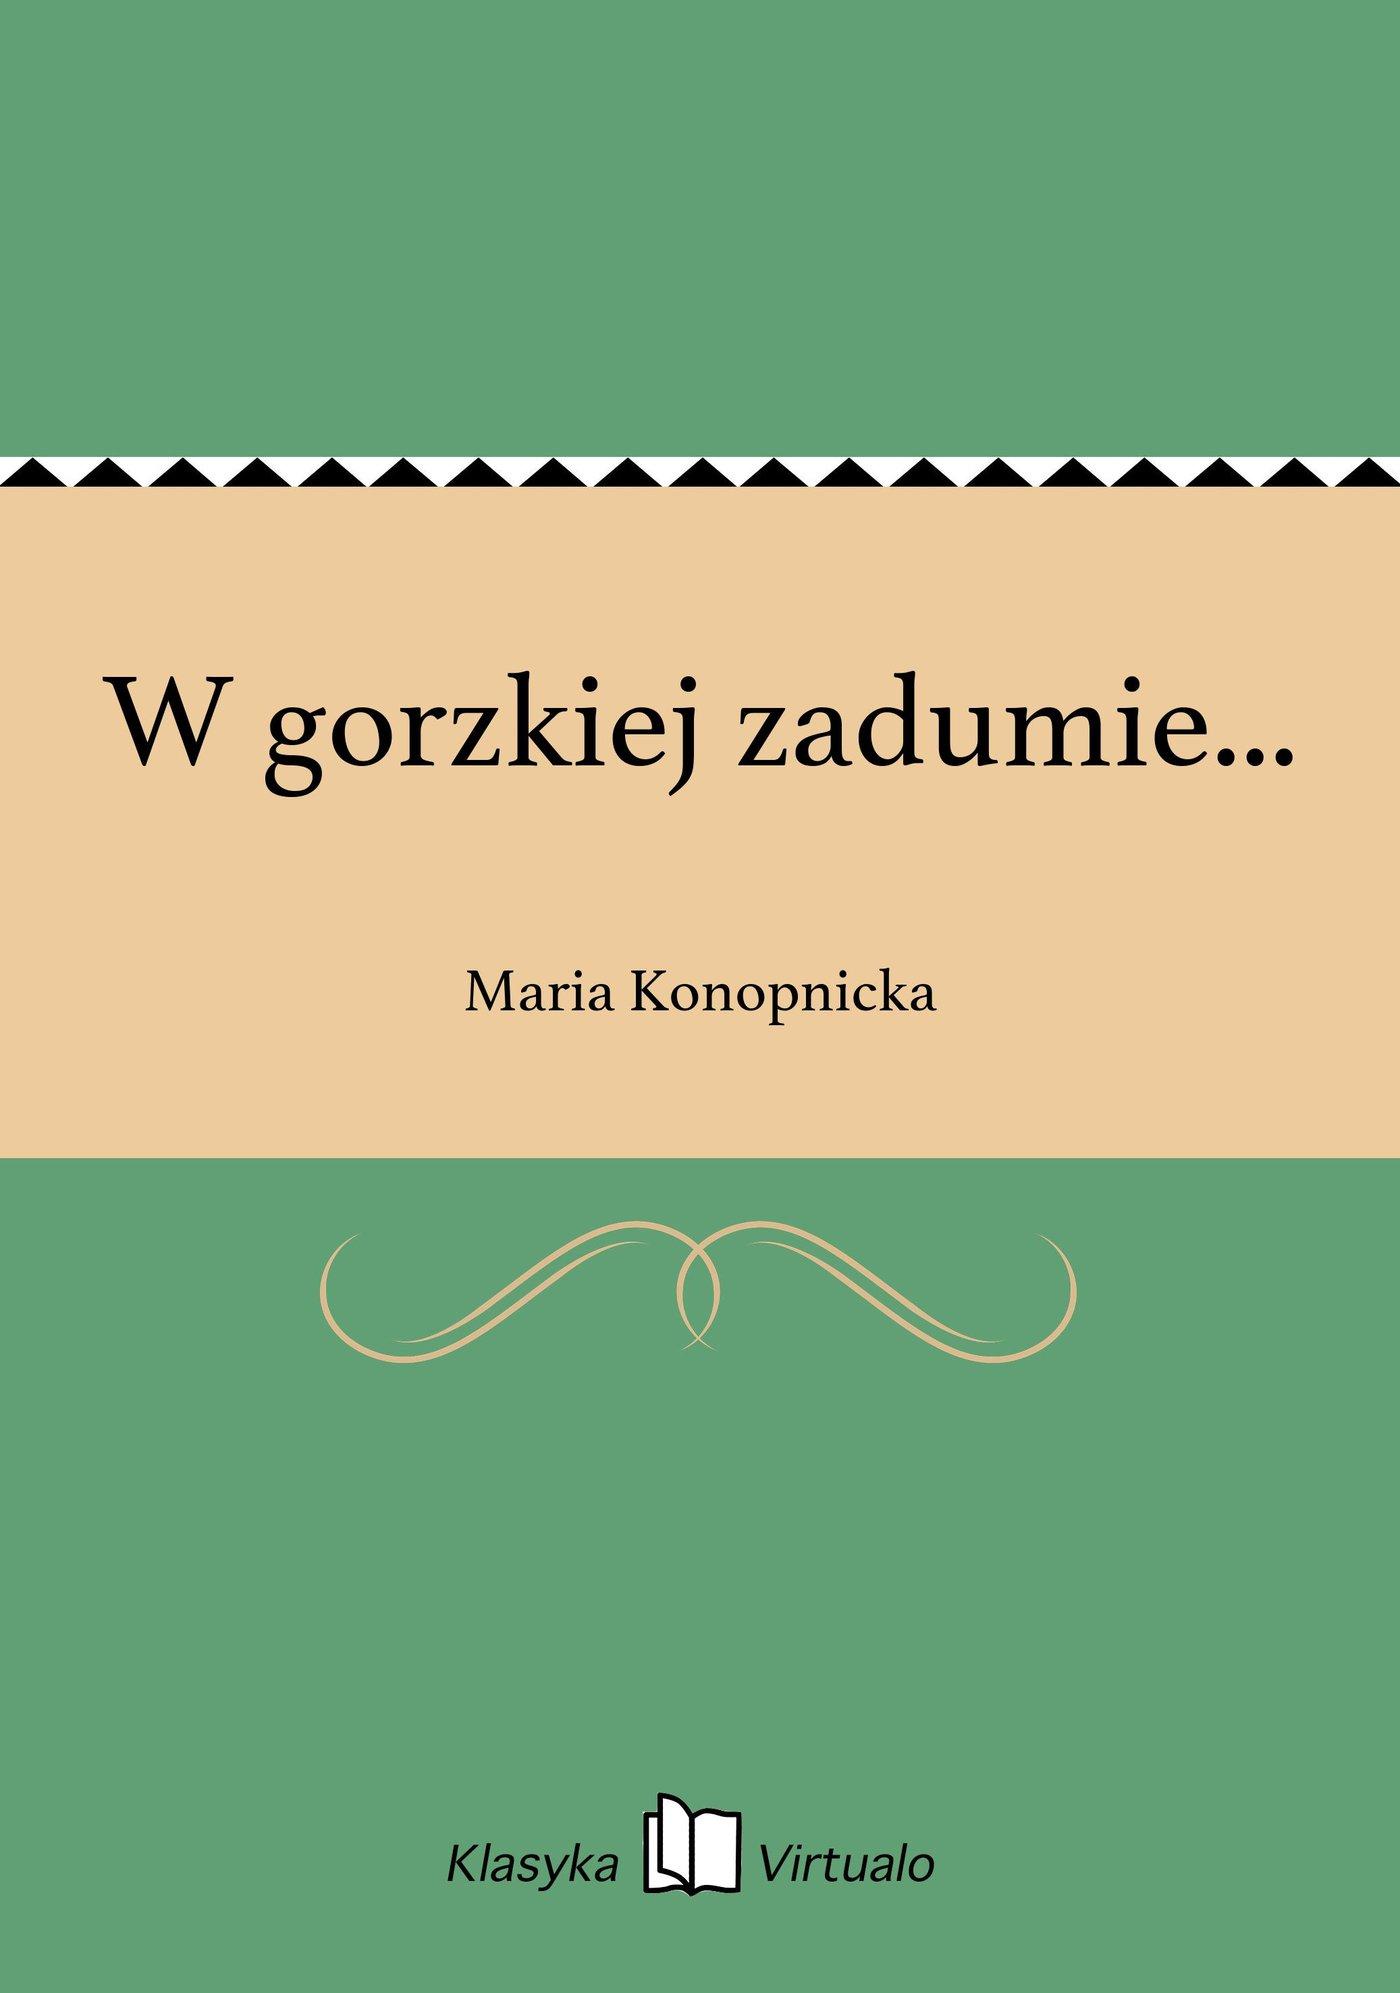 W gorzkiej zadumie... - Ebook (Książka EPUB) do pobrania w formacie EPUB